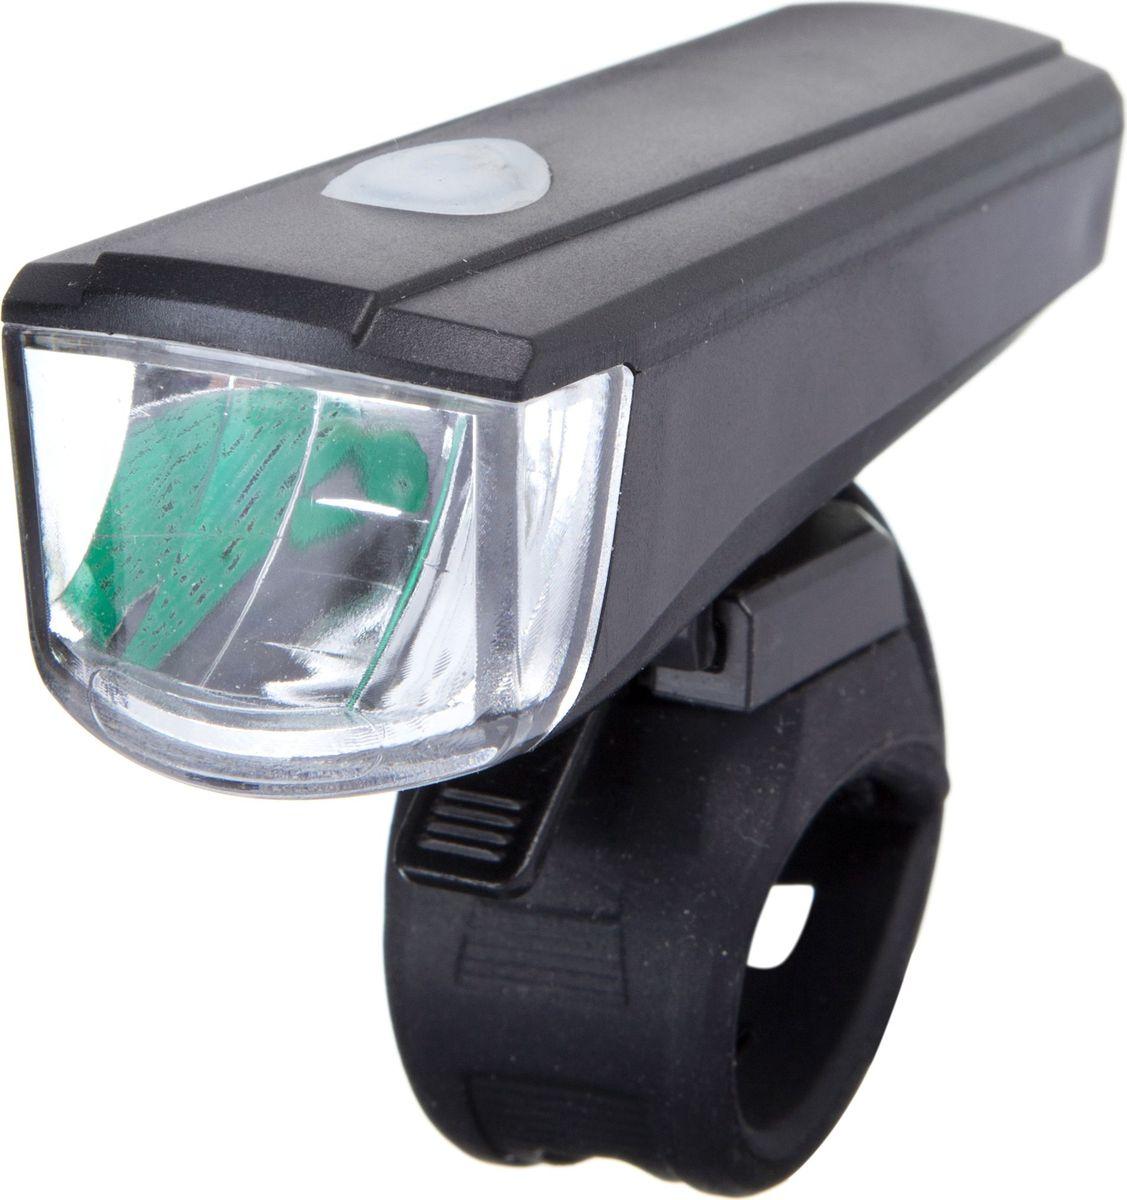 Фонарь велосипедный STG JY7036, переднийMW-1462-01-SR серебристыйЛегкий и компактный передний фонарь. Экономичное потребление энергии для долгой работы.